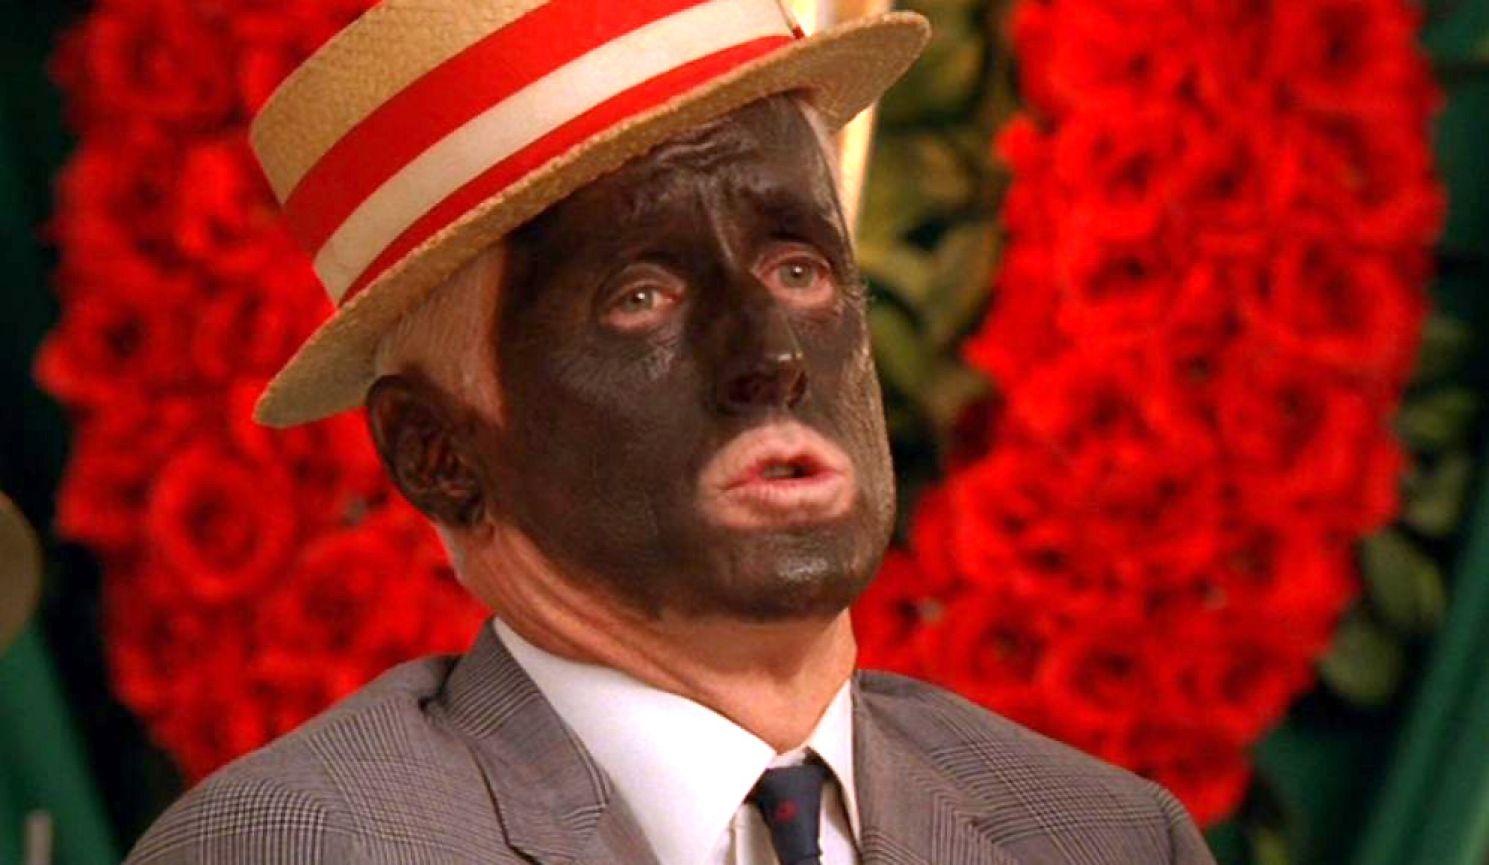 Actor John Slattery in Mad Men